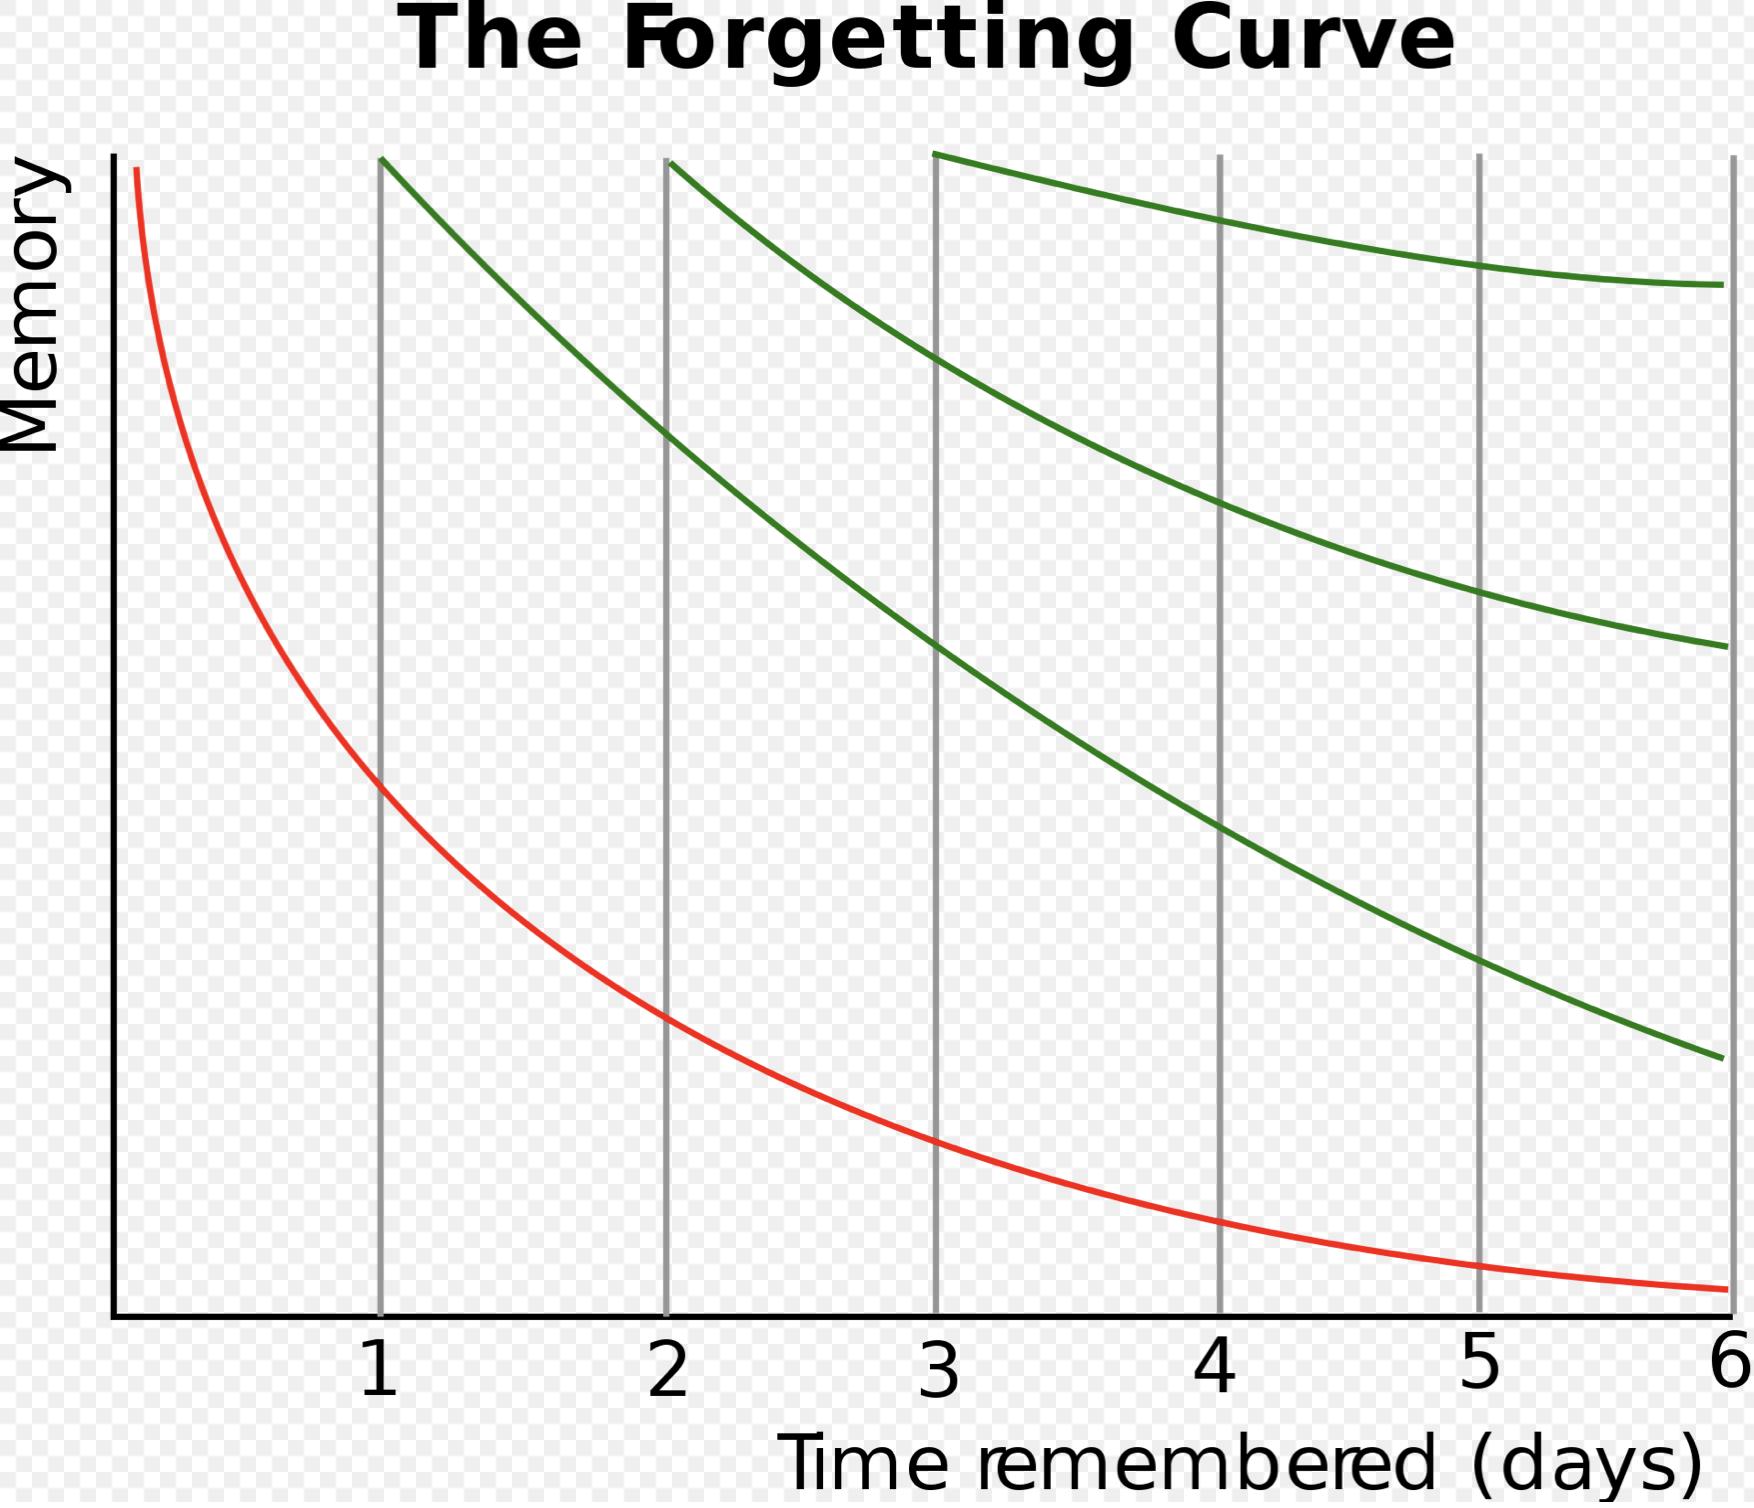 エビングハウス忘却曲線